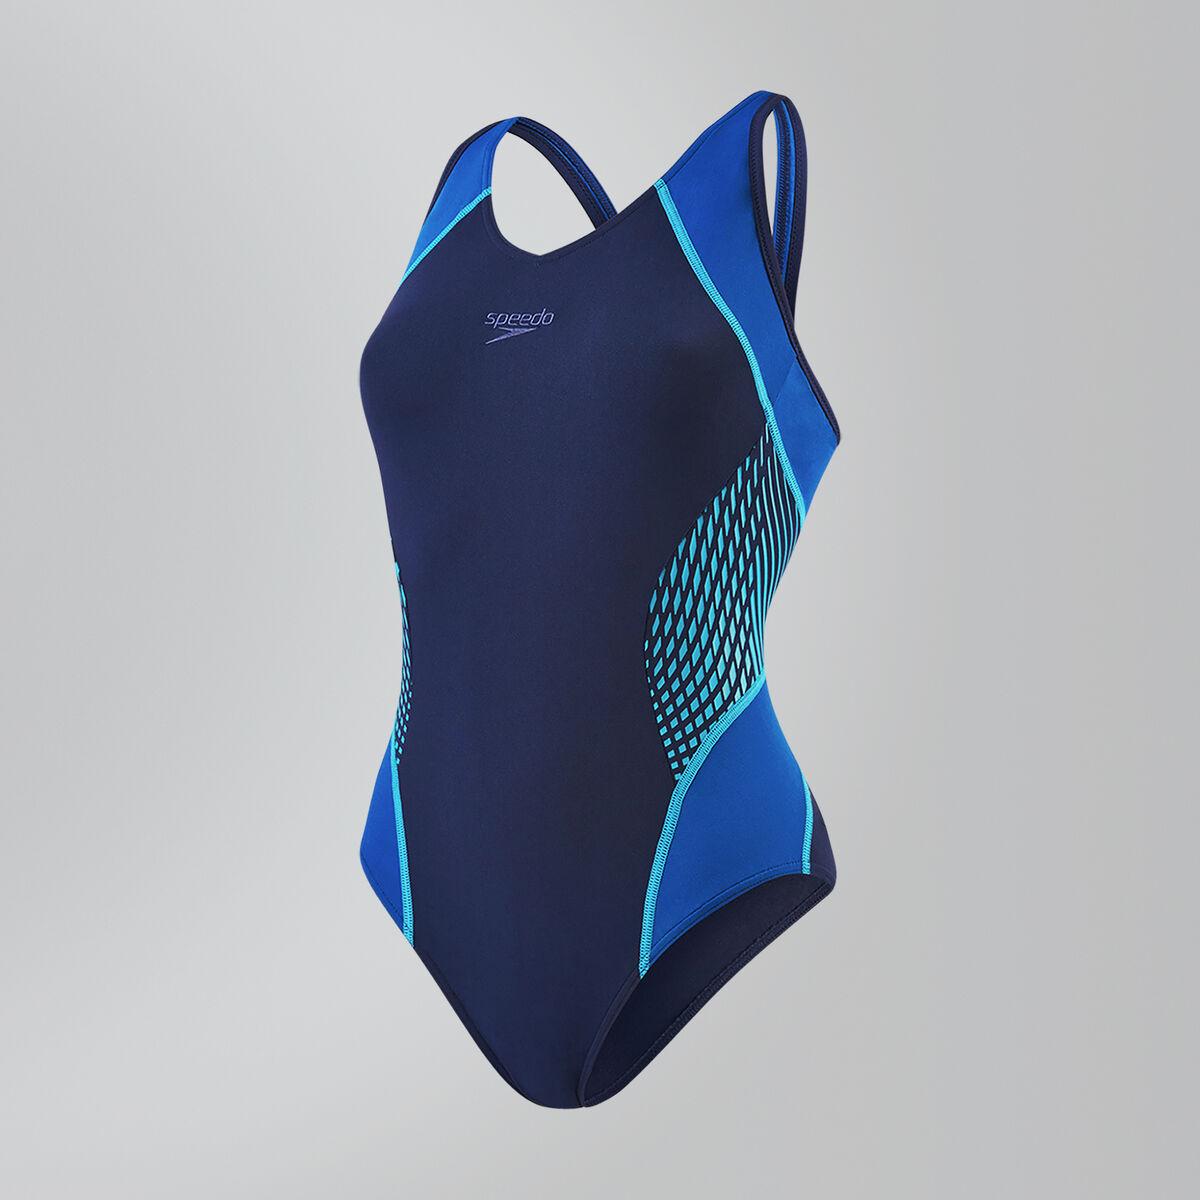 Speedo Fit Splice Muscleback Swimsuit